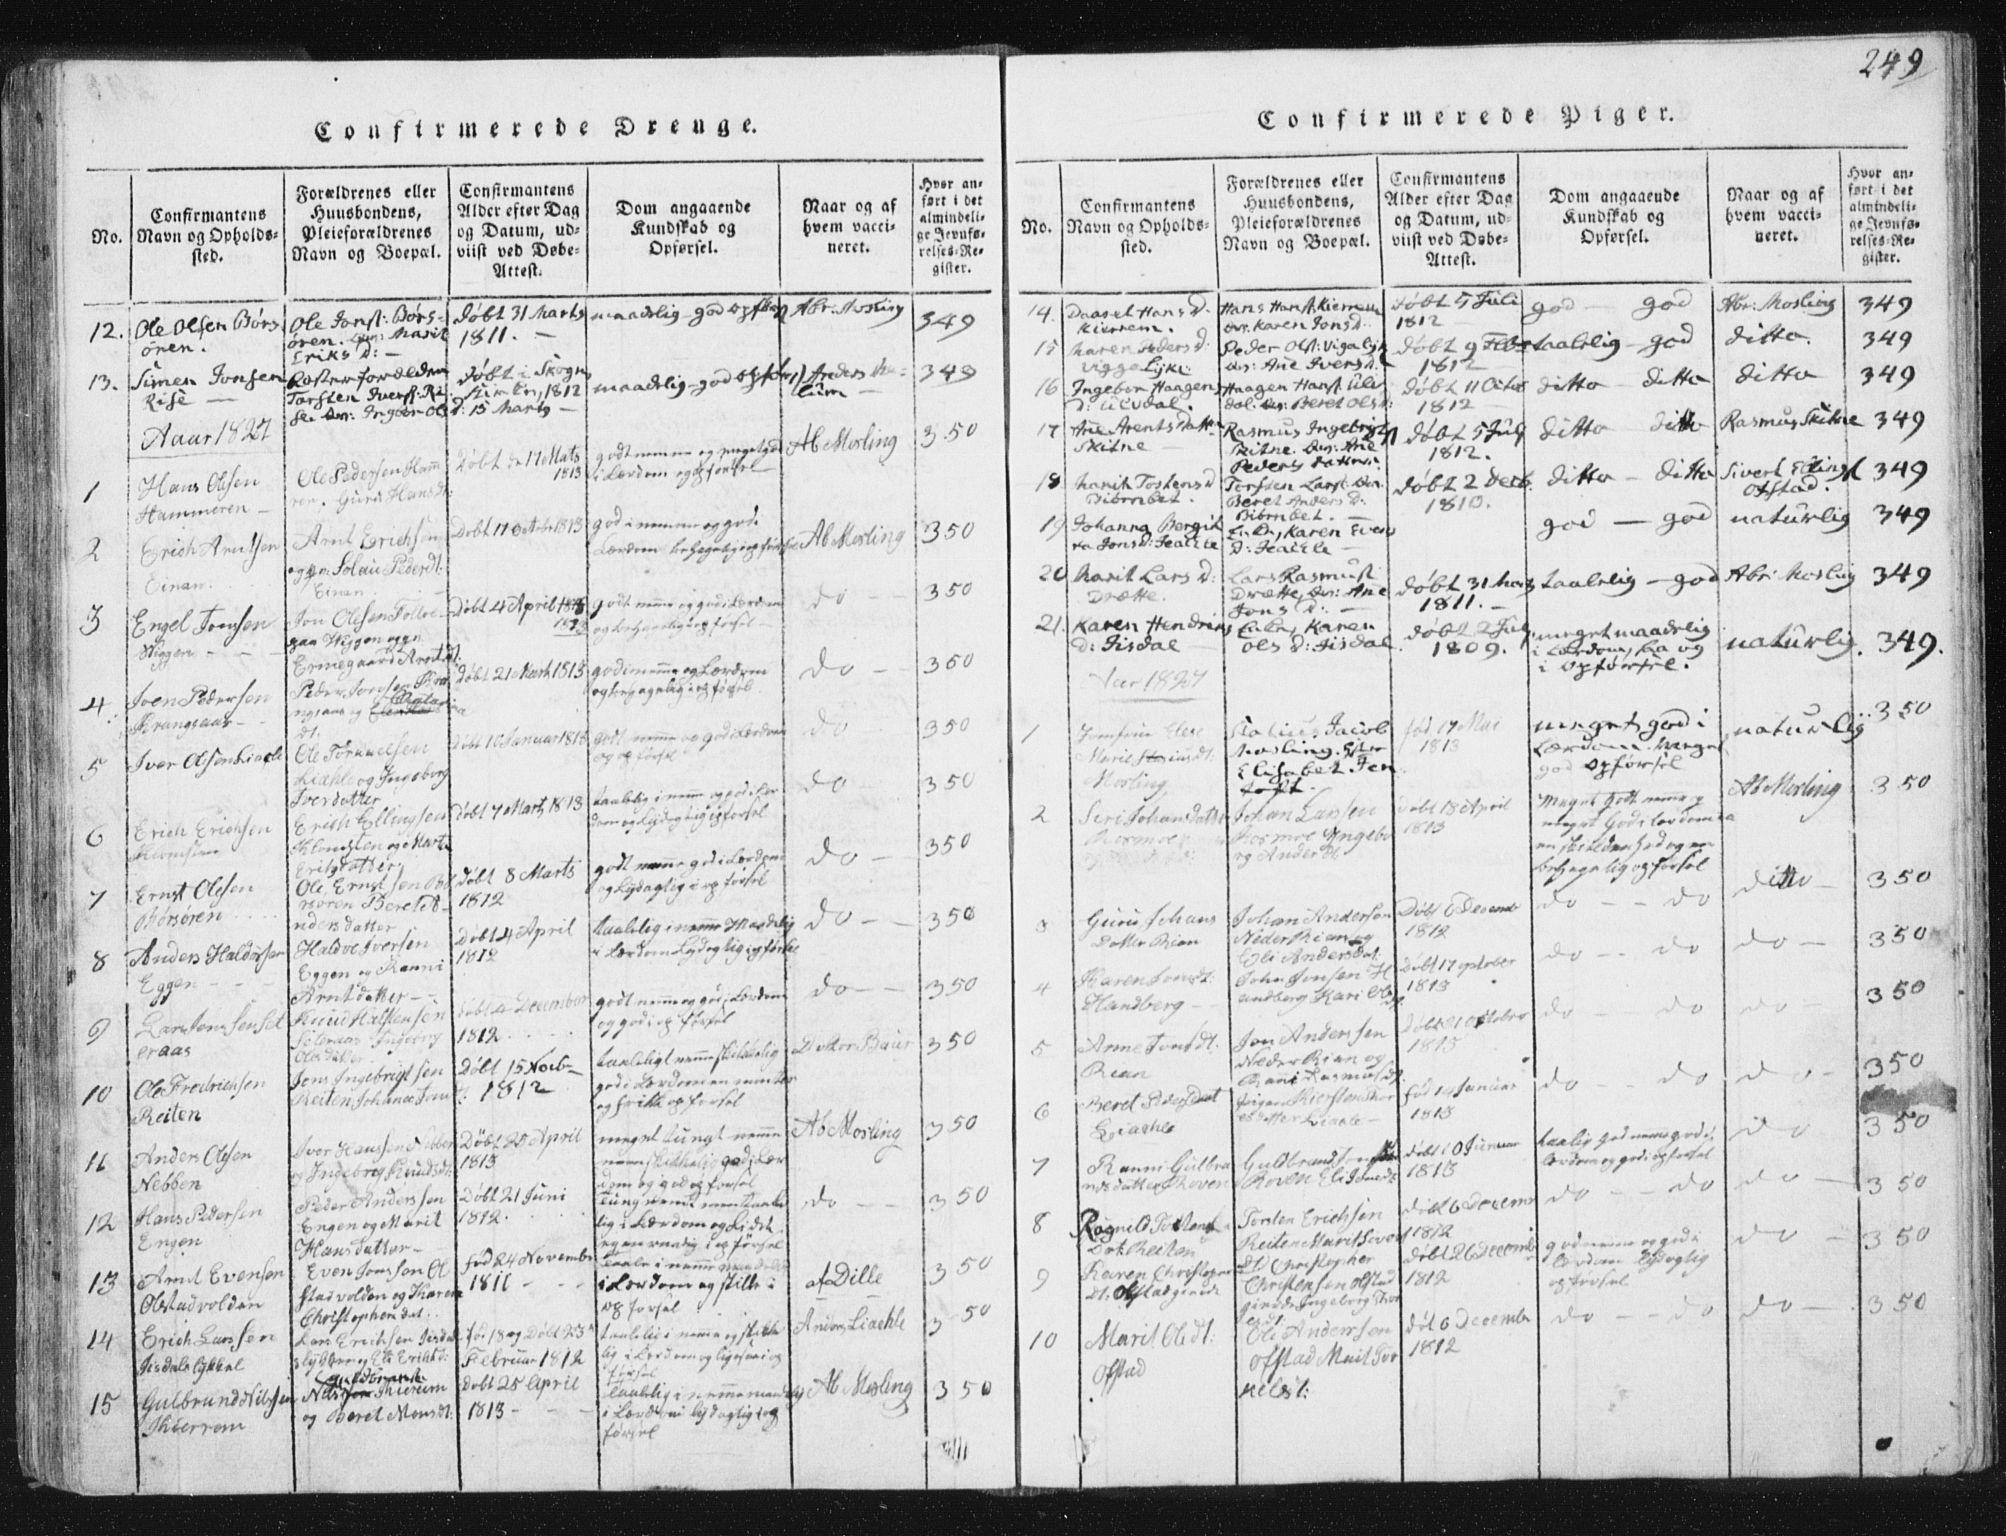 SAT, Ministerialprotokoller, klokkerbøker og fødselsregistre - Sør-Trøndelag, 665/L0770: Ministerialbok nr. 665A05, 1817-1829, s. 249